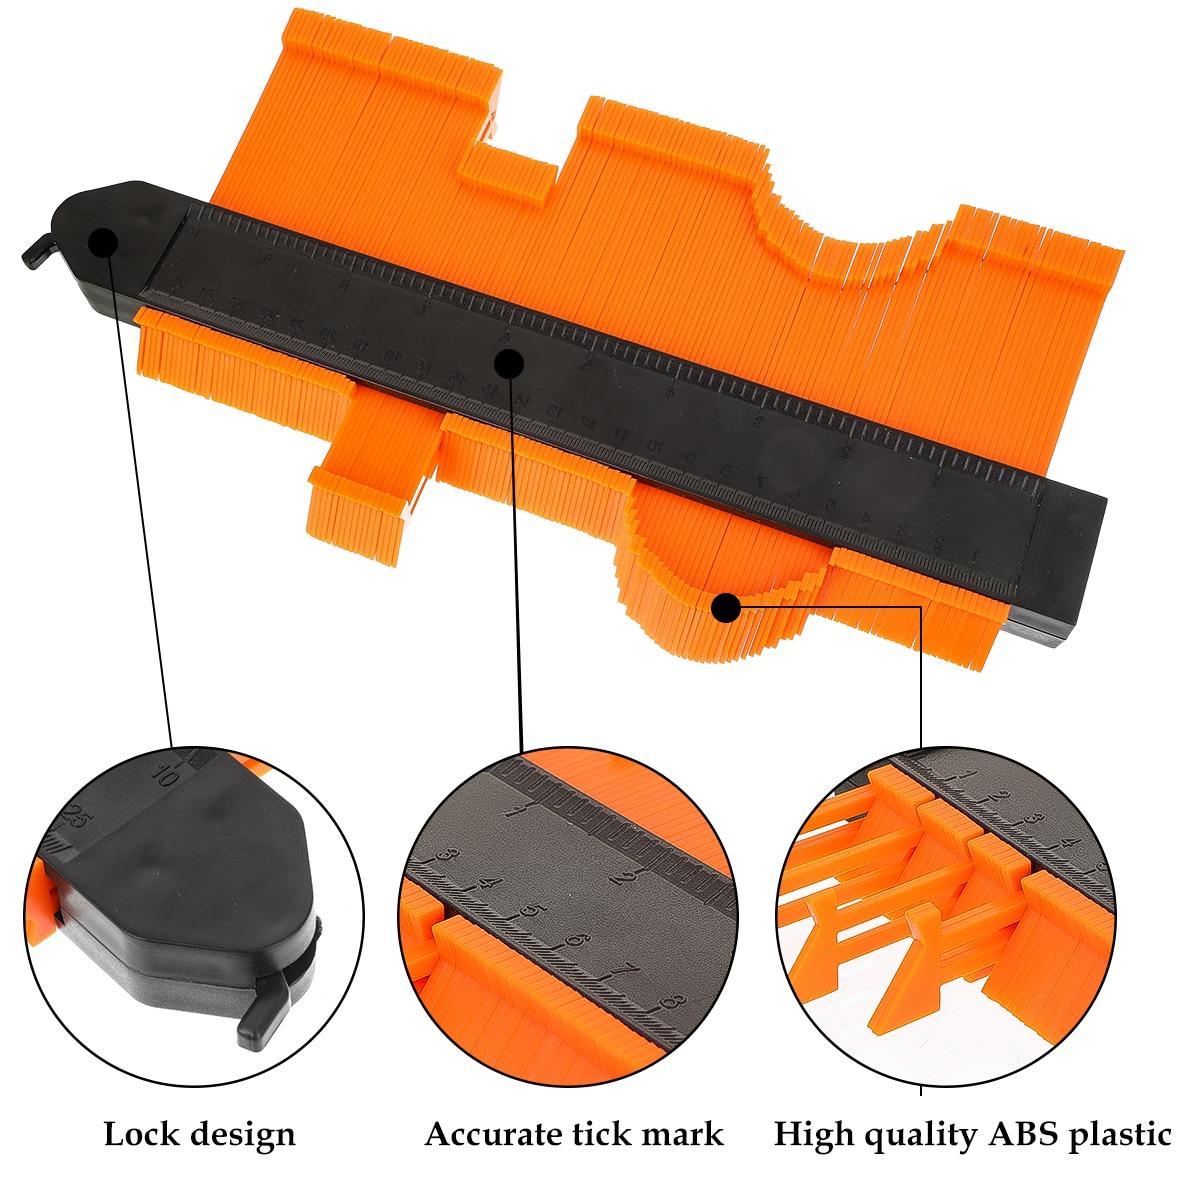 12/14/25cm Contour Jauge En Plastique Profil Copie Contour Jauges Standard Bois Marquage Outil Carrelage Stratifié Carreaux Tomber